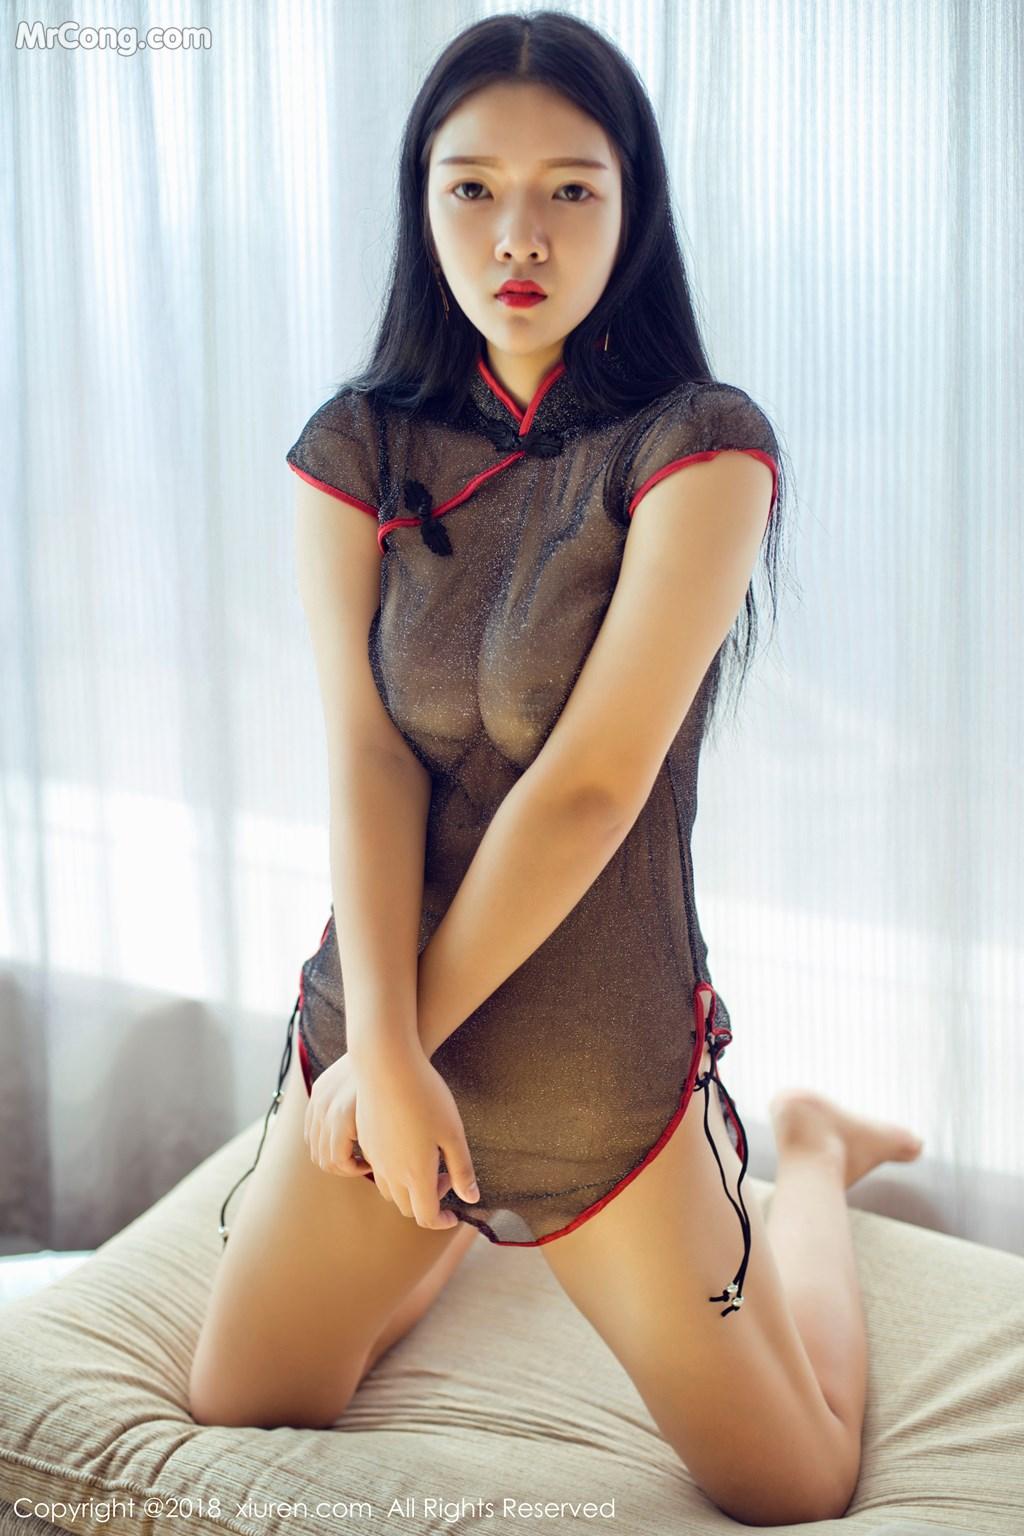 Image XIUREN-No.1008-Ling-Xi-Er-MrCong.com-010 in post XIUREN No.1008: Người mẫu Ling Xi Er (凌希儿) (44 ảnh)